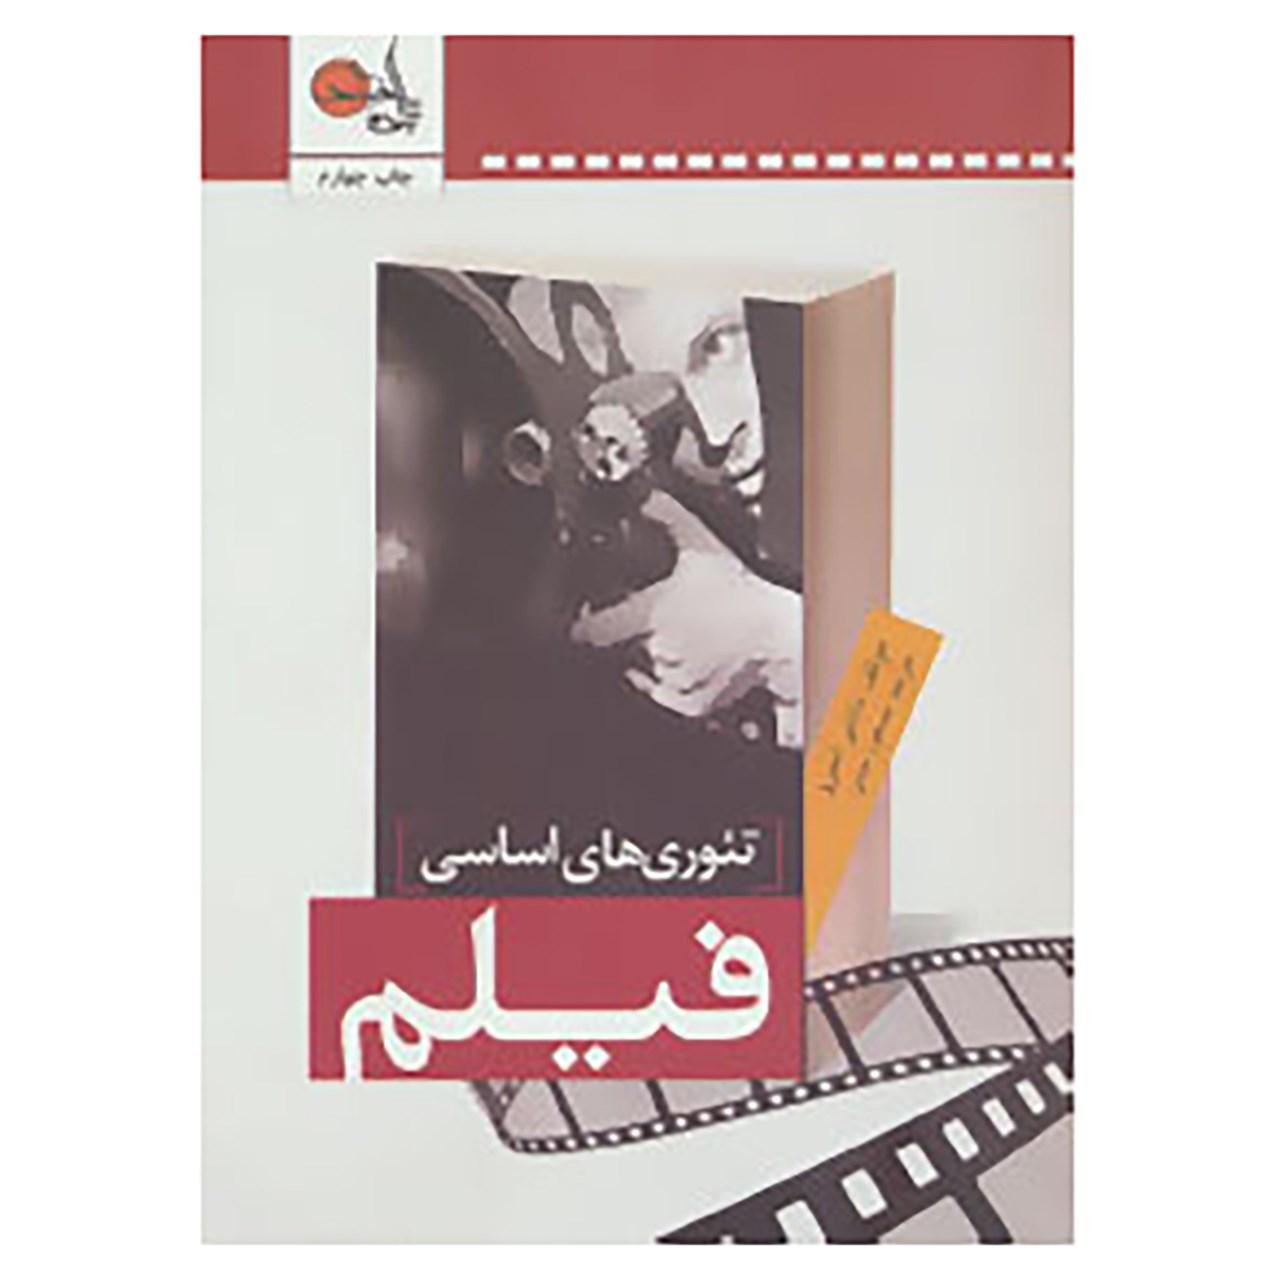 خرید                      کتاب تئوری های اساسی فیلم اثر دادلی آندرو